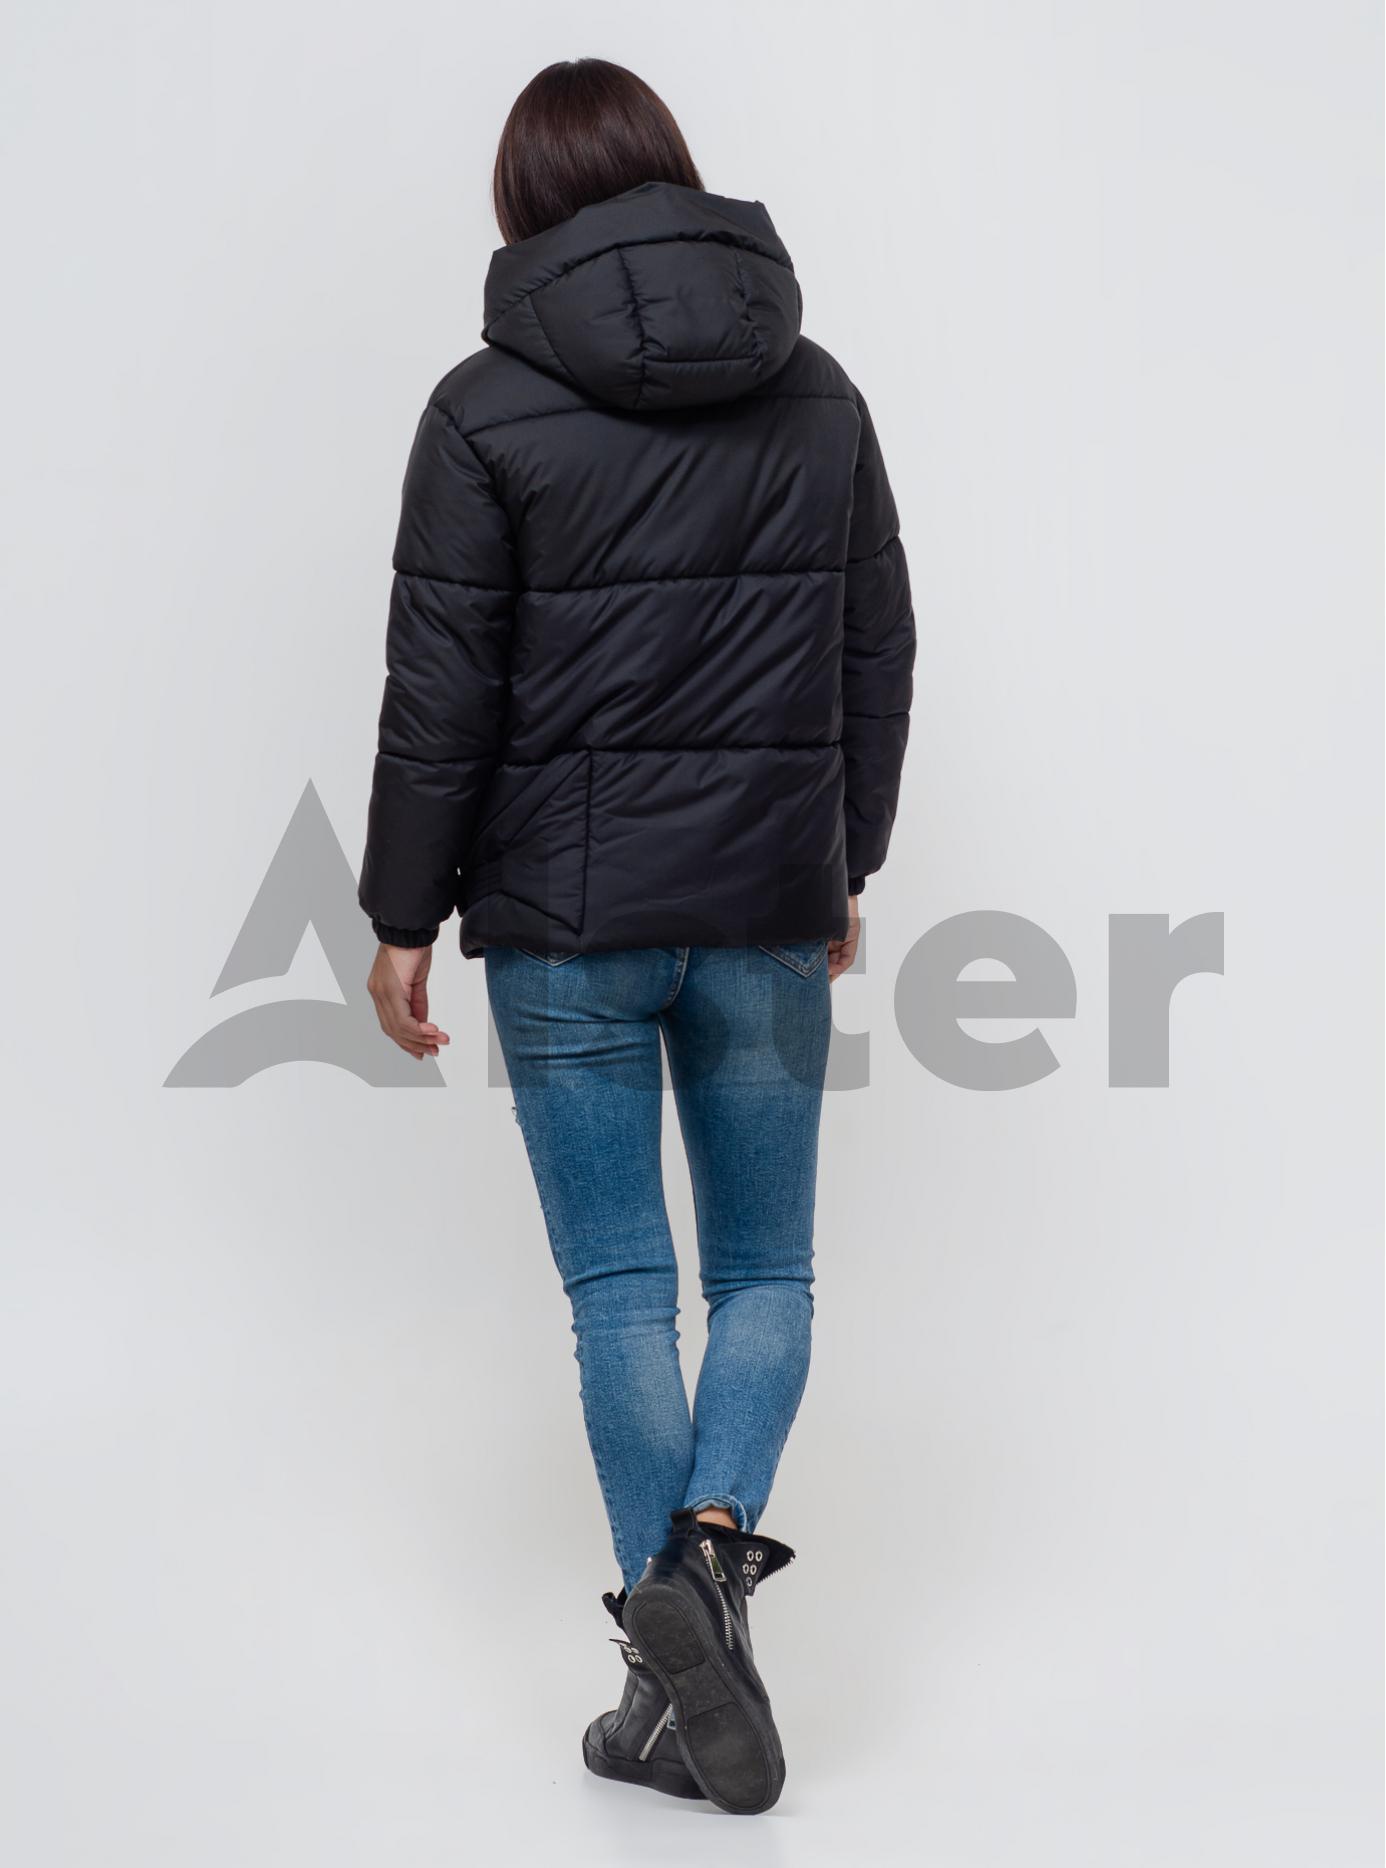 Женская зимняя куртка Чёрный 42 (02-KL201071): фото - Alster.ua